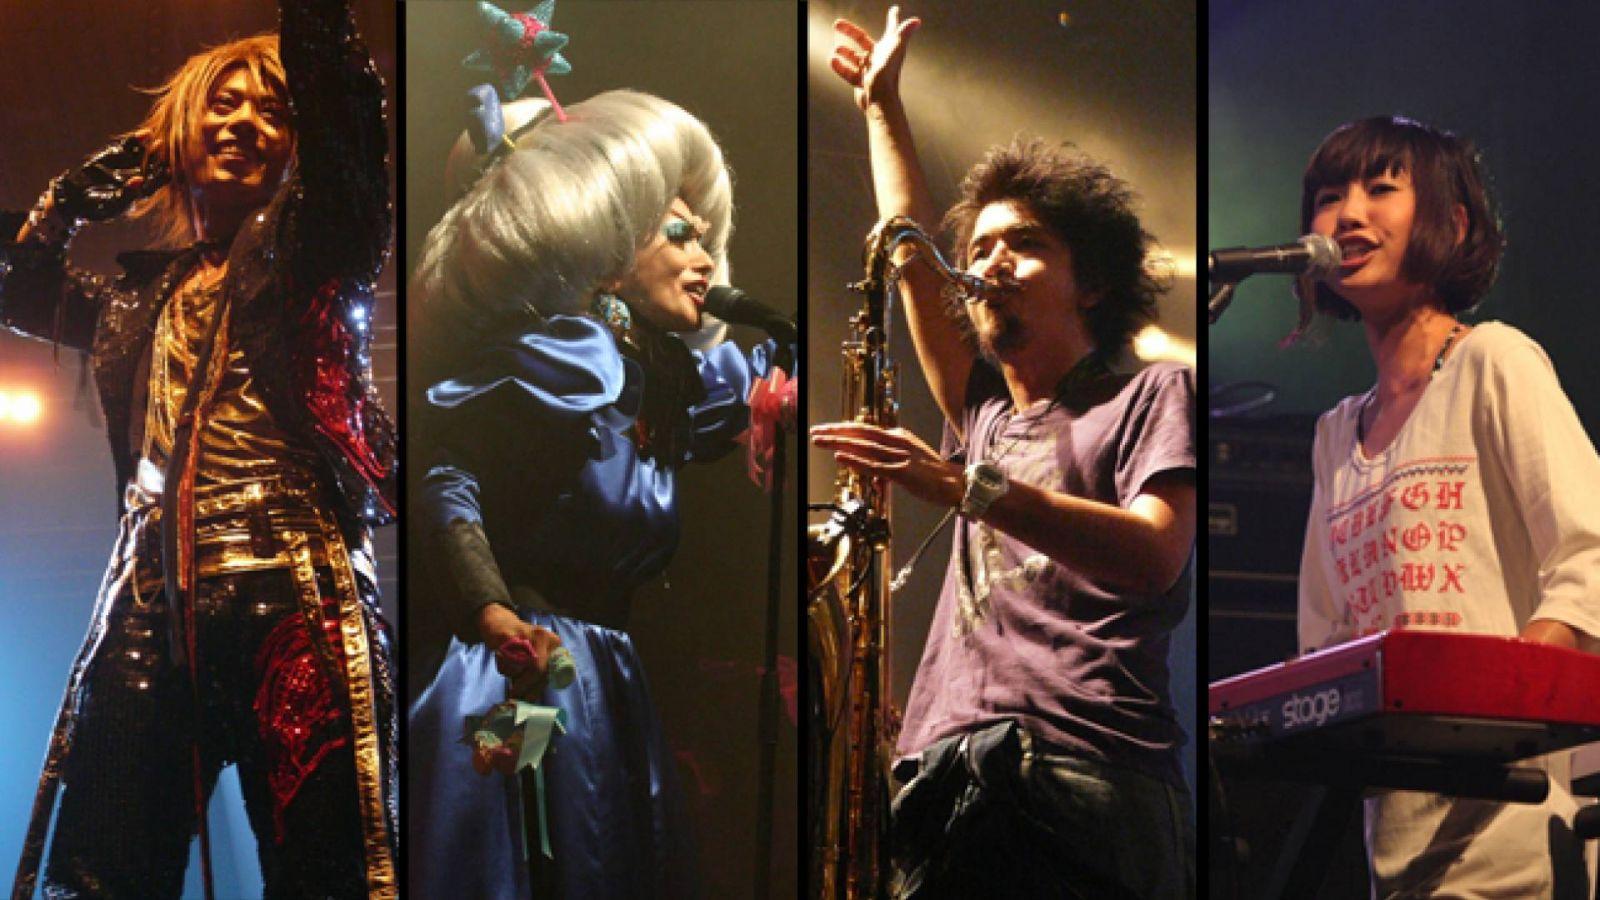 JAPAN EXPO 2010 - Journée 3 © GIBIER du MARI / ViViD / Root Thumm / Long Shot Party - JaME - Jeremy Corral / Vanessa Aubry / Aurore Pesare